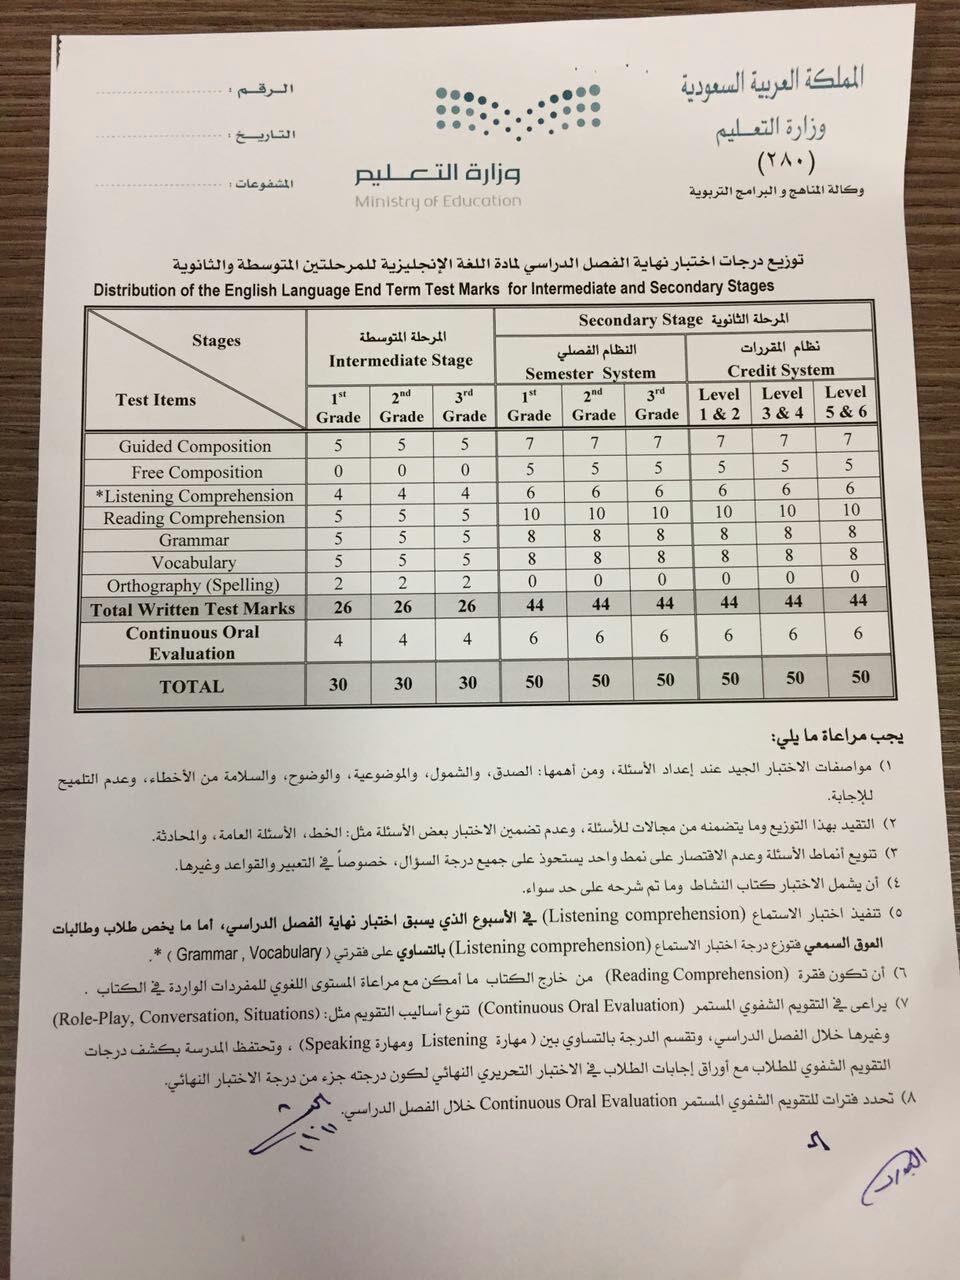 توزيع درجات اختبار نهاية الفصل الدراسي مادة اللغة الانجليزية للمرحلة المتوسطة والثانوية 1438 هـ 1476996976182.jpg